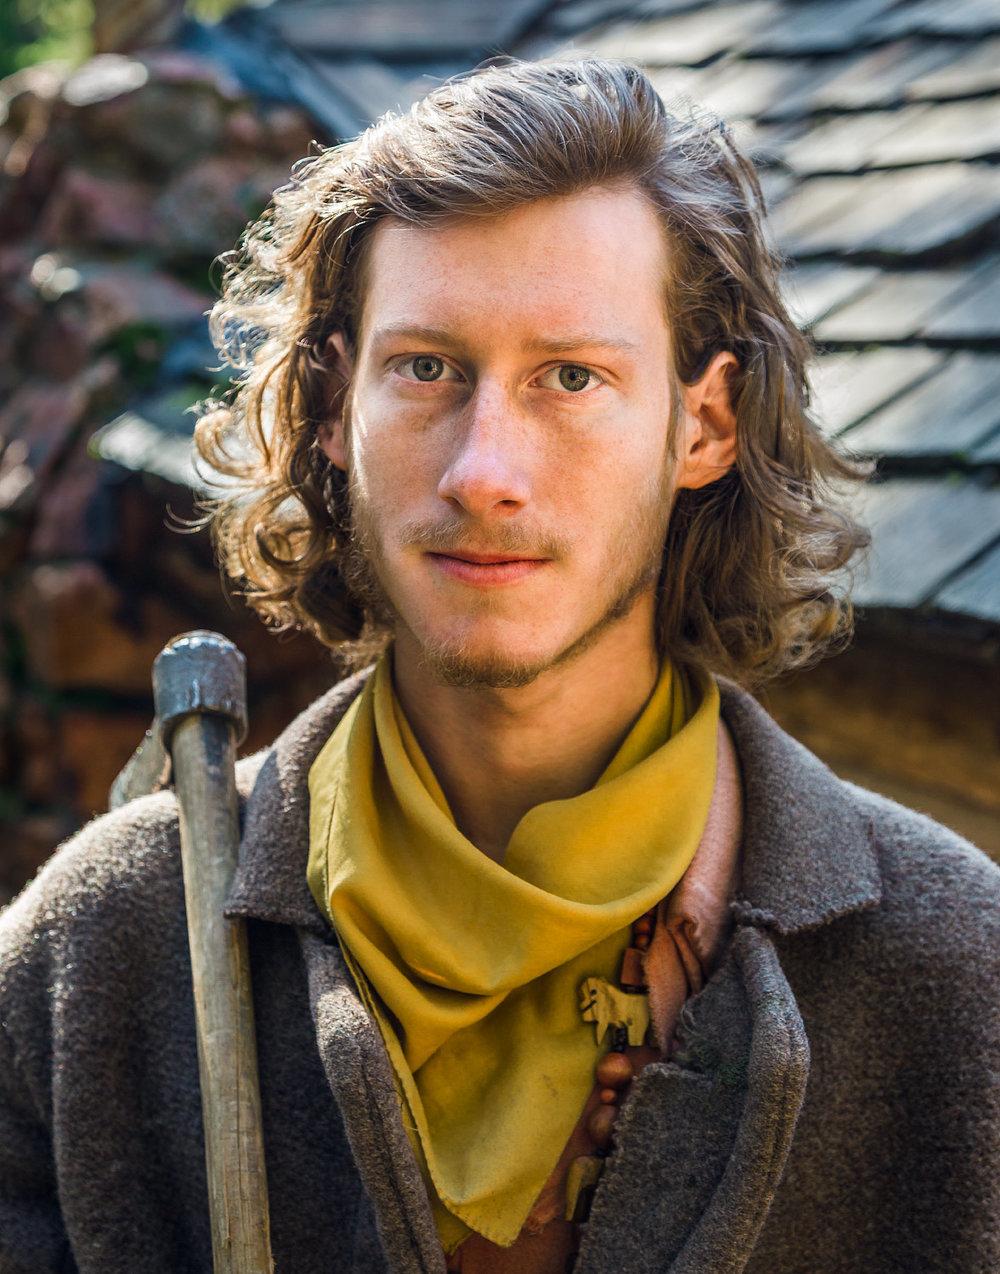 Zack Griffin Clear Creek portrait Philmont Scout Ranch